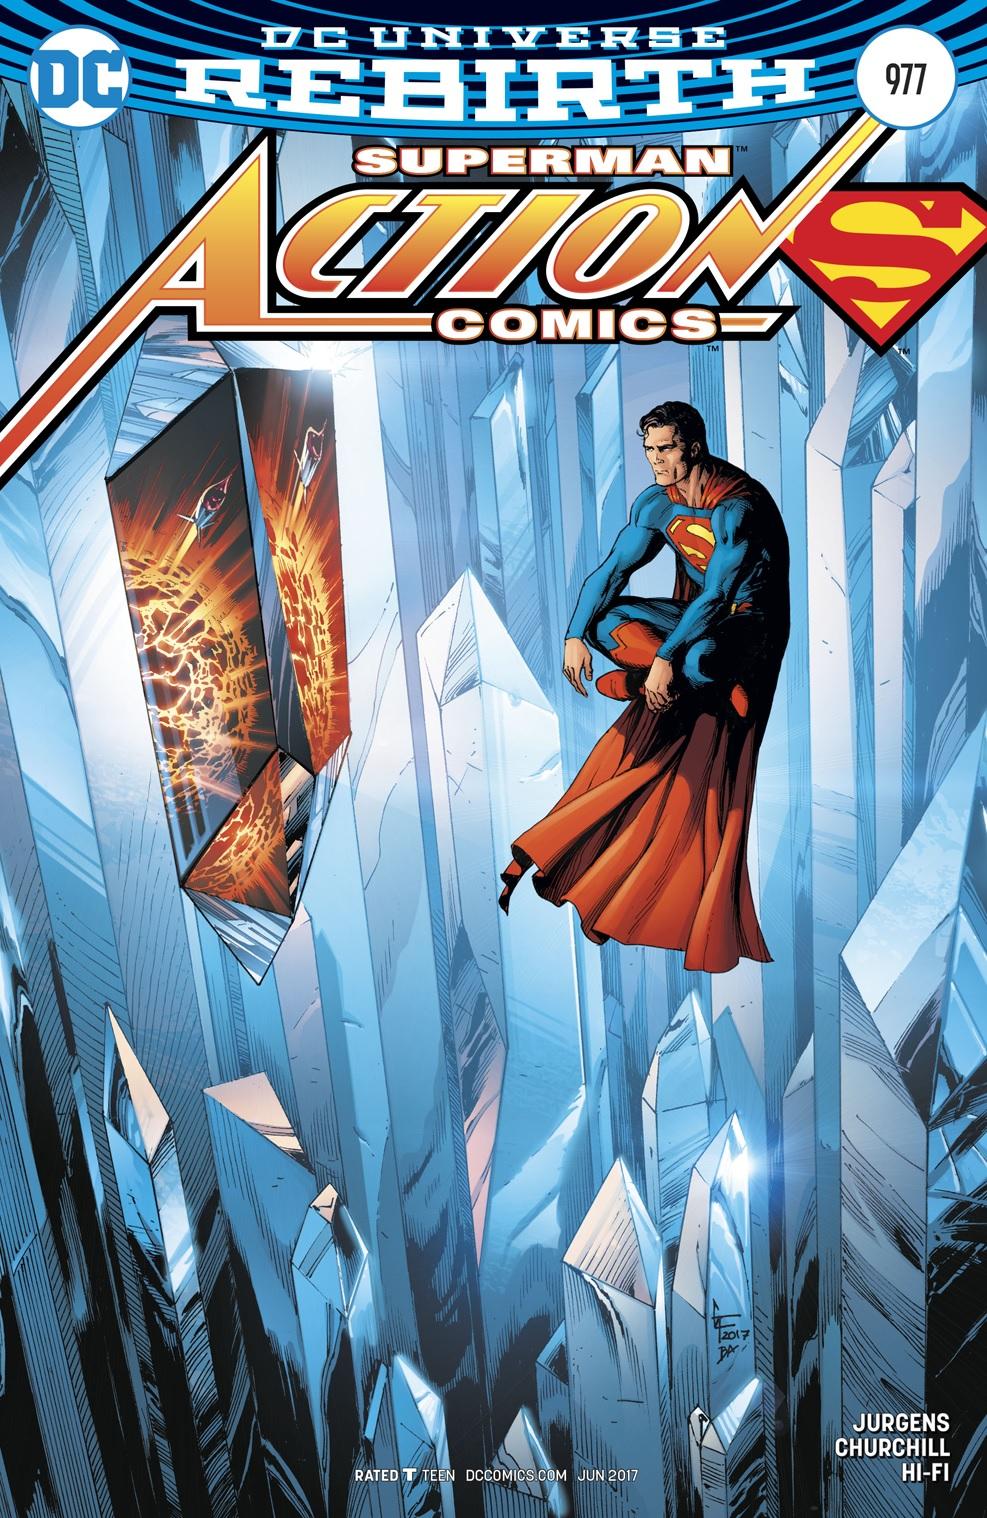 Action Comics Vol 1 977 Variant.jpg